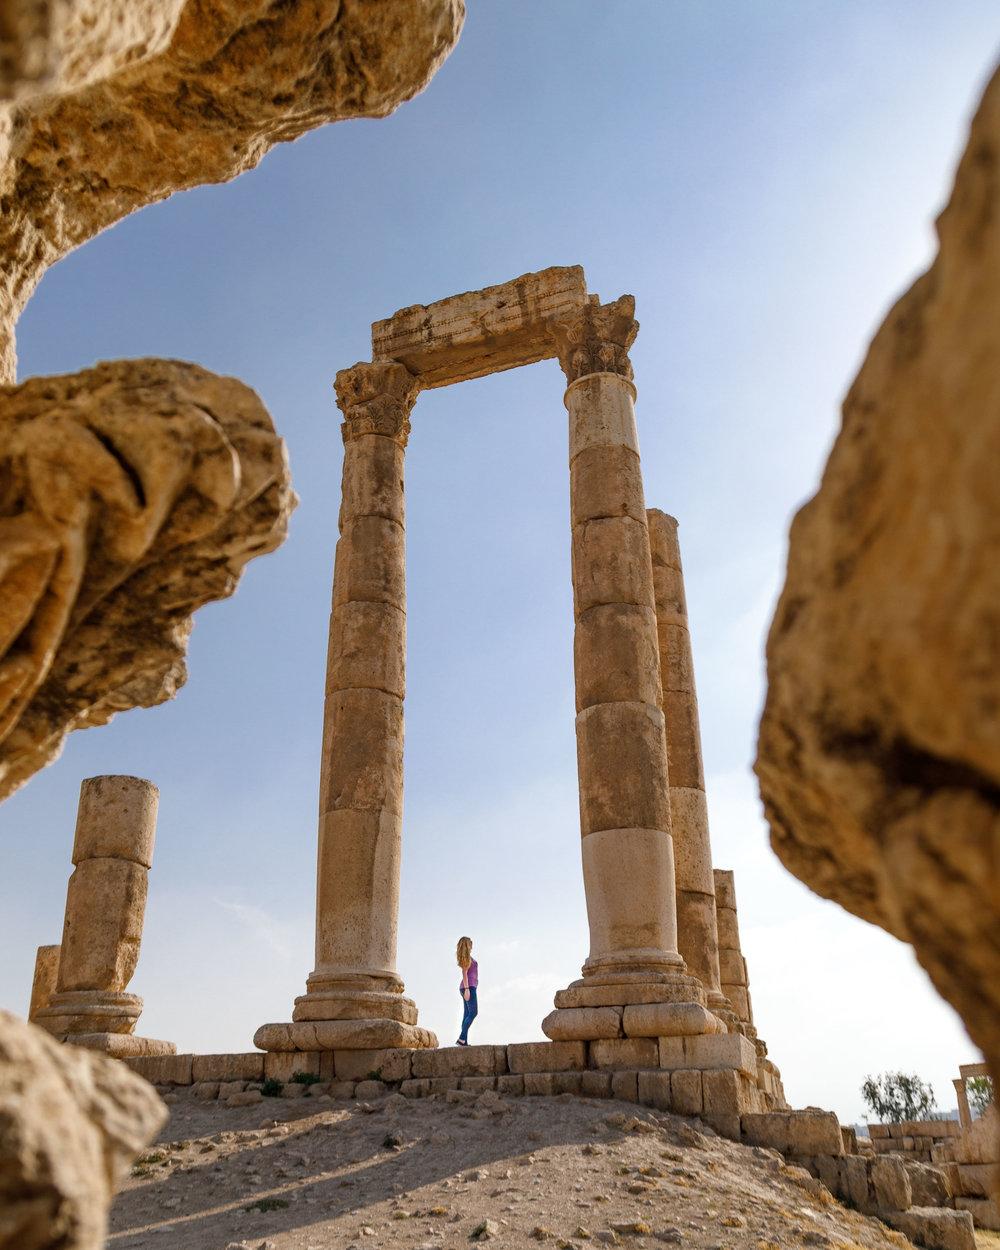 Instagrammable spots in Jordan - The Citadel